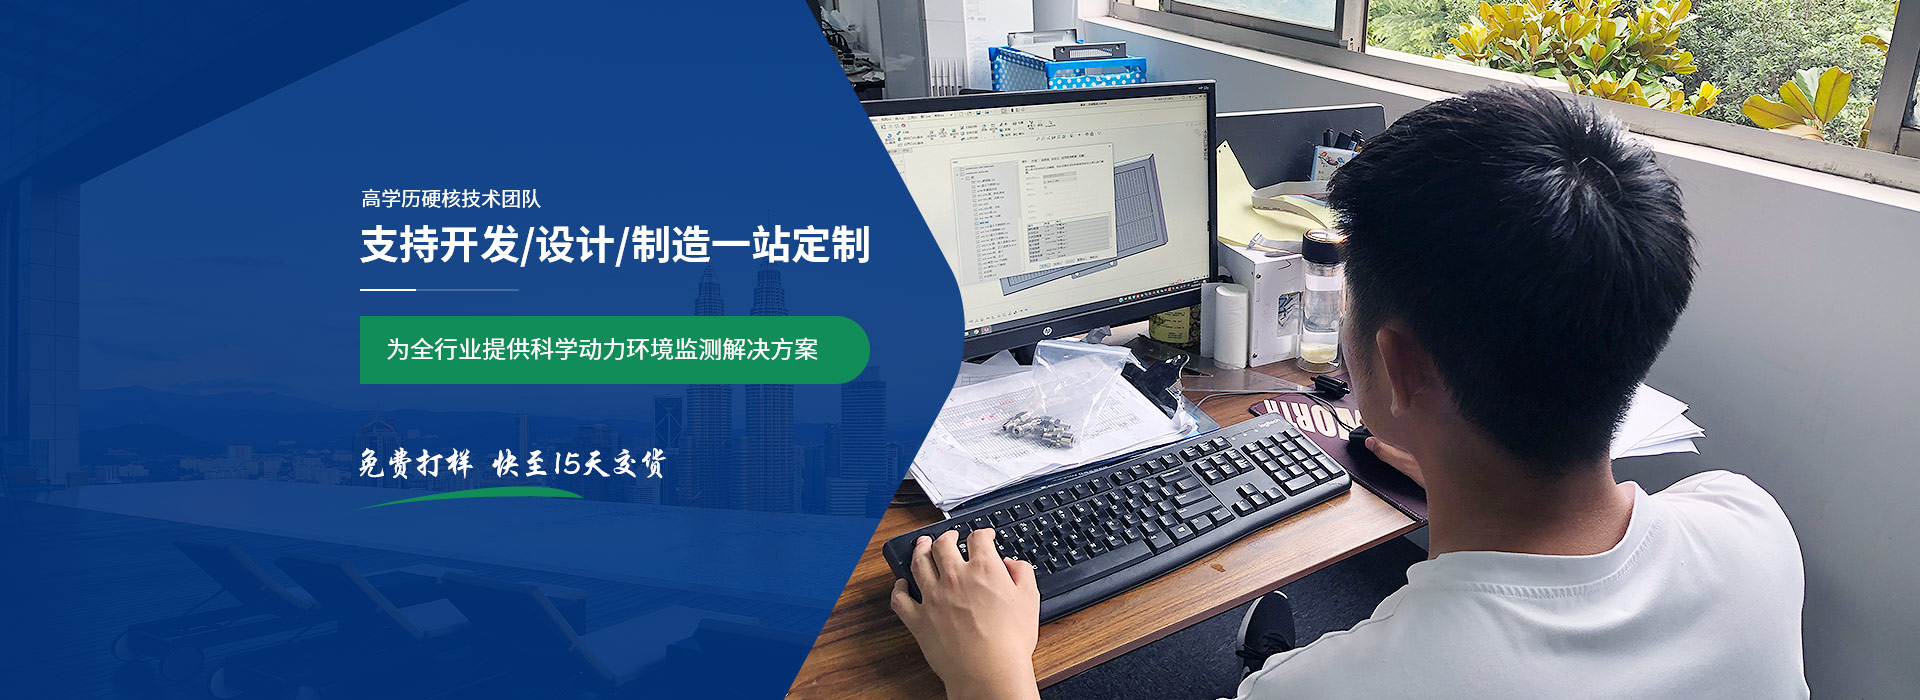 源慧达高学历硬核技术团队  支持开发/设计/制造一站定制